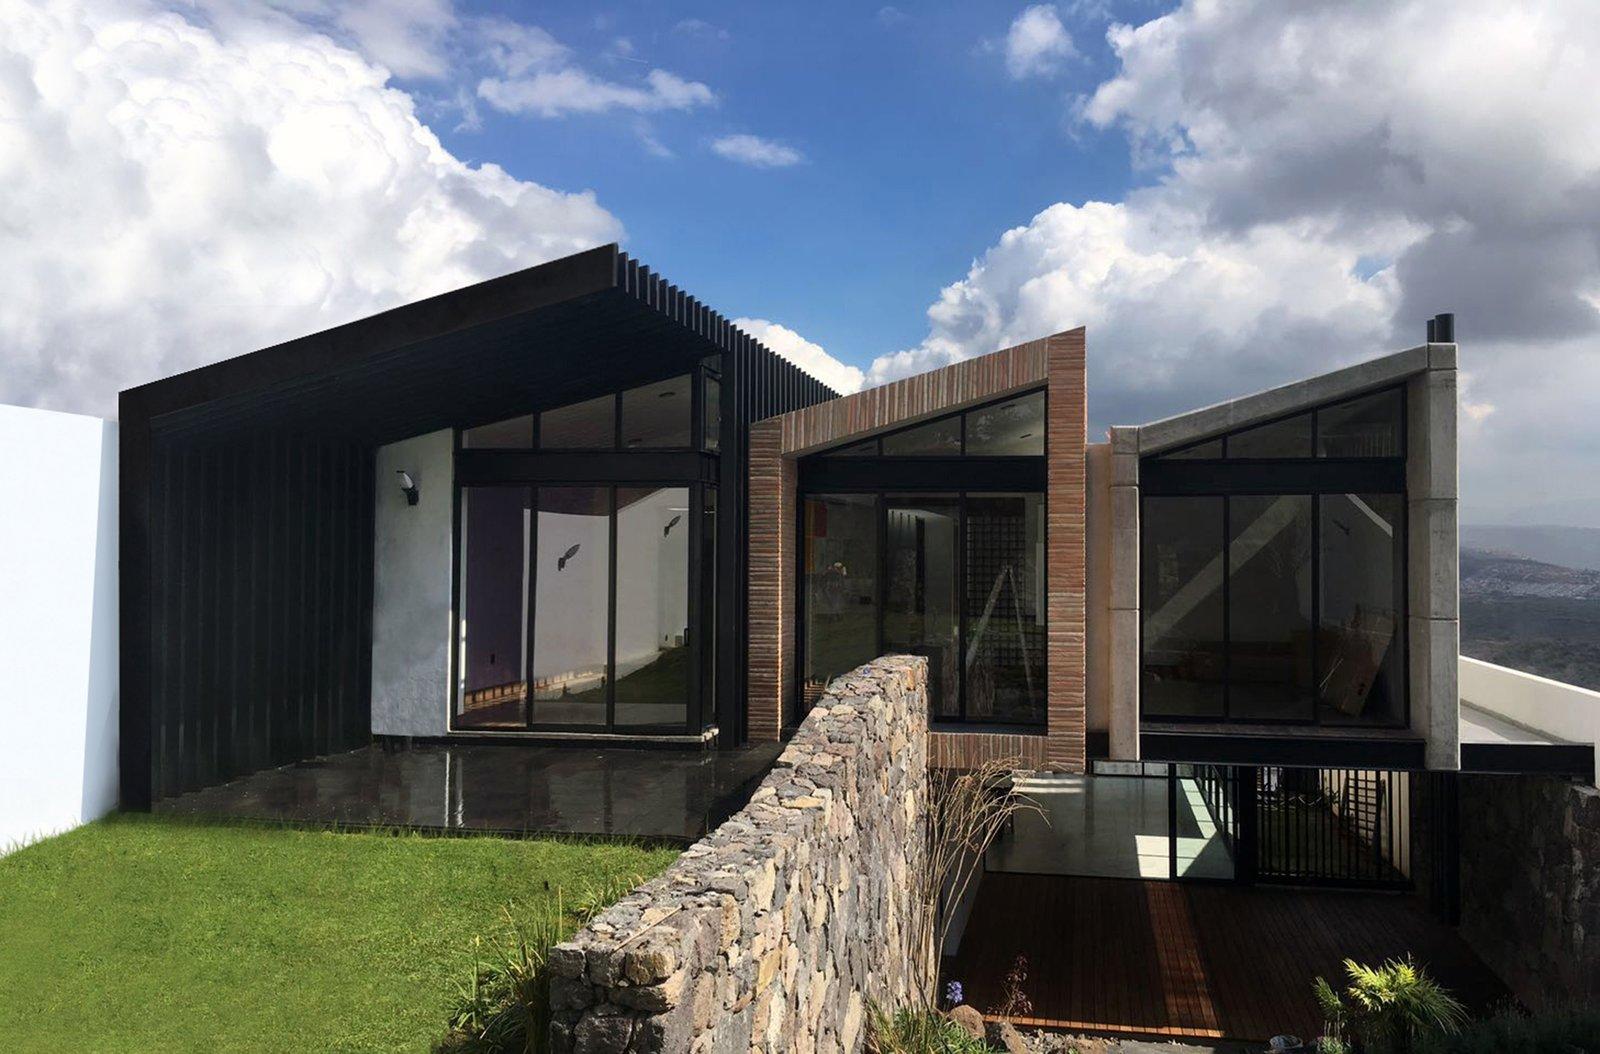 Outdoor, Grass, Gardens, and Garden Posterior / West Facade  Casa AB by e arquitectos